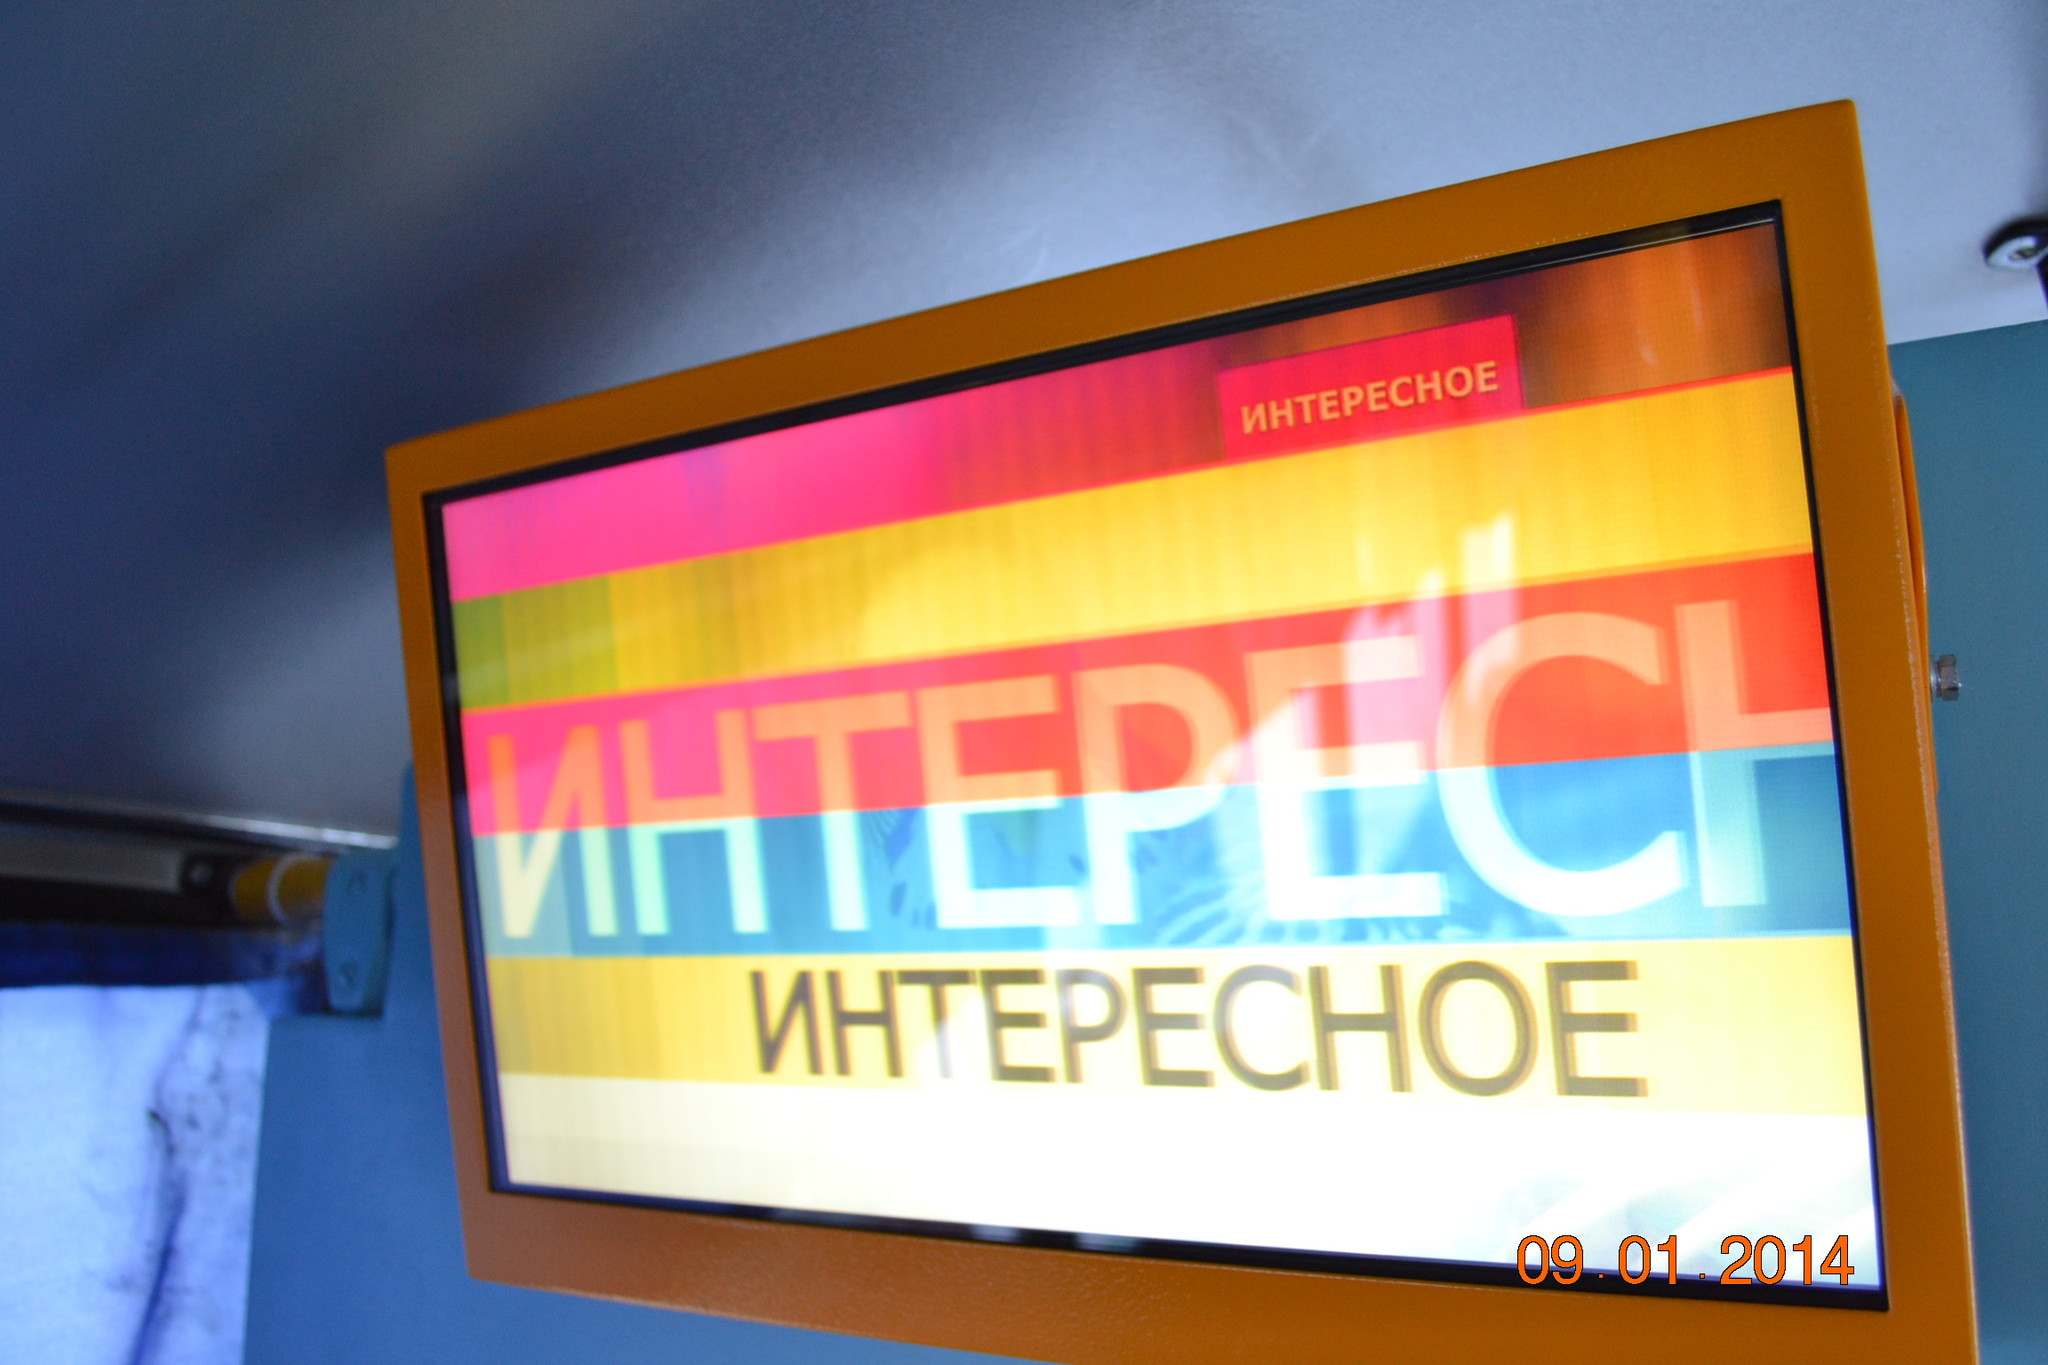 Монитор для видео рекламы в городском пассажирском транспорте с развлекательно-информационным контентом